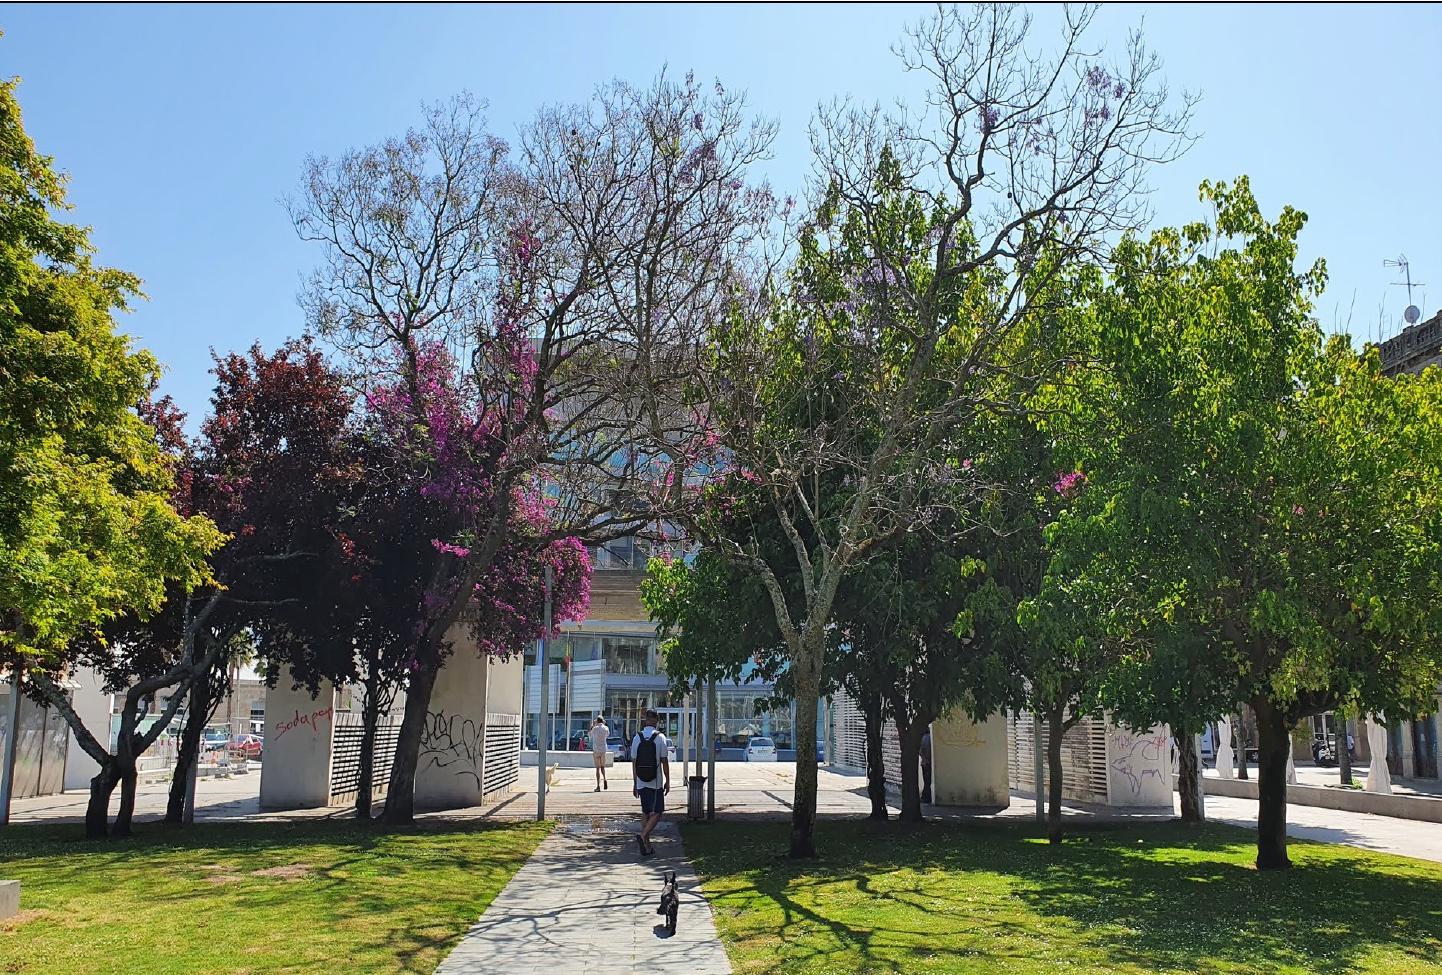 El Puerto talará varios árboles en Bouzas, Praza da Estrela y jardines de Elduayen